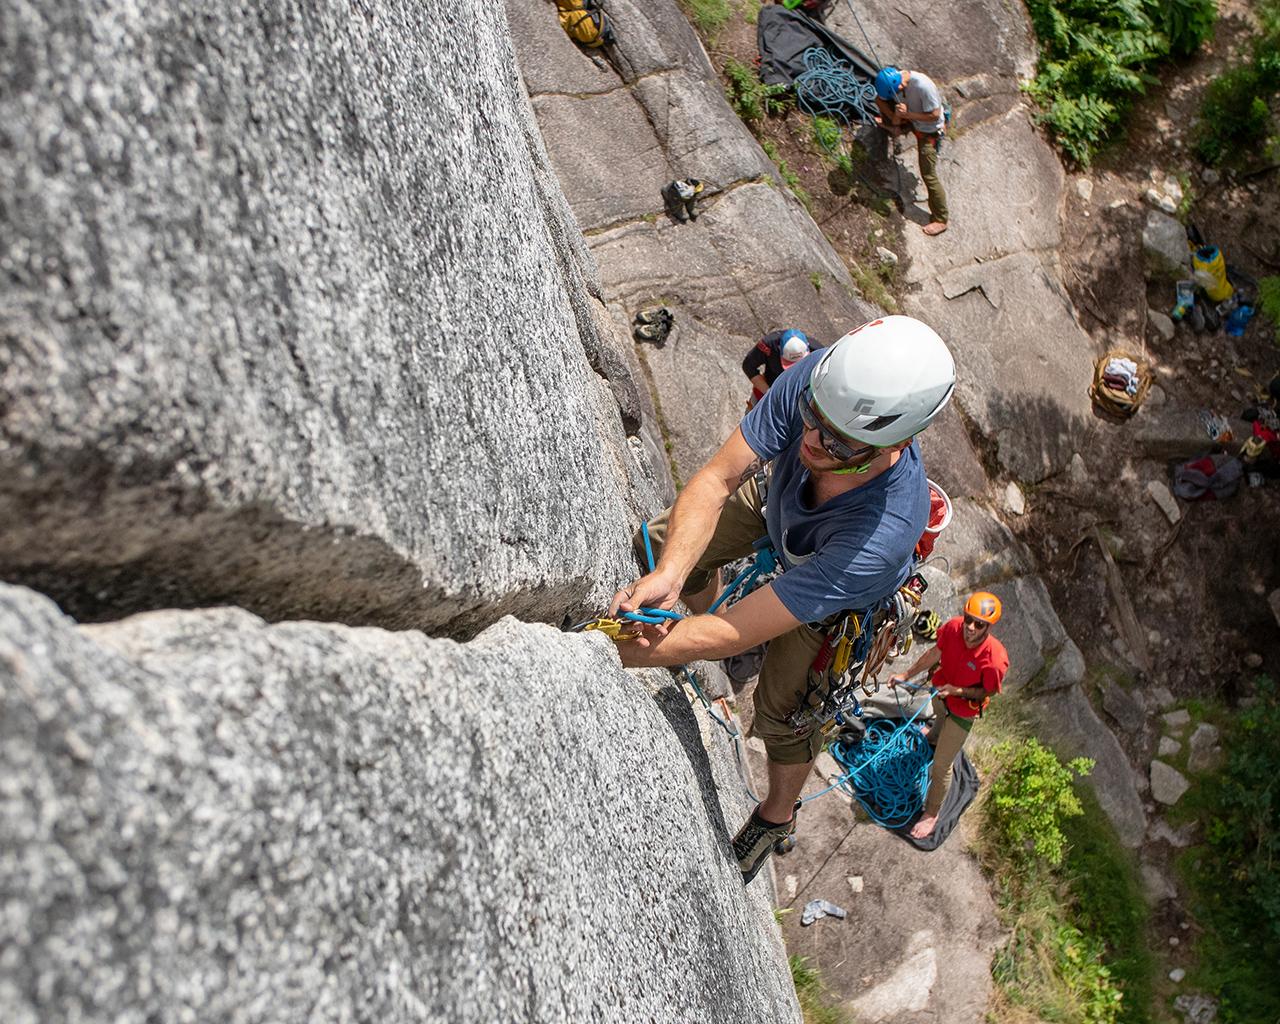 PRV - Rock Climbing - Full Day - Whistler